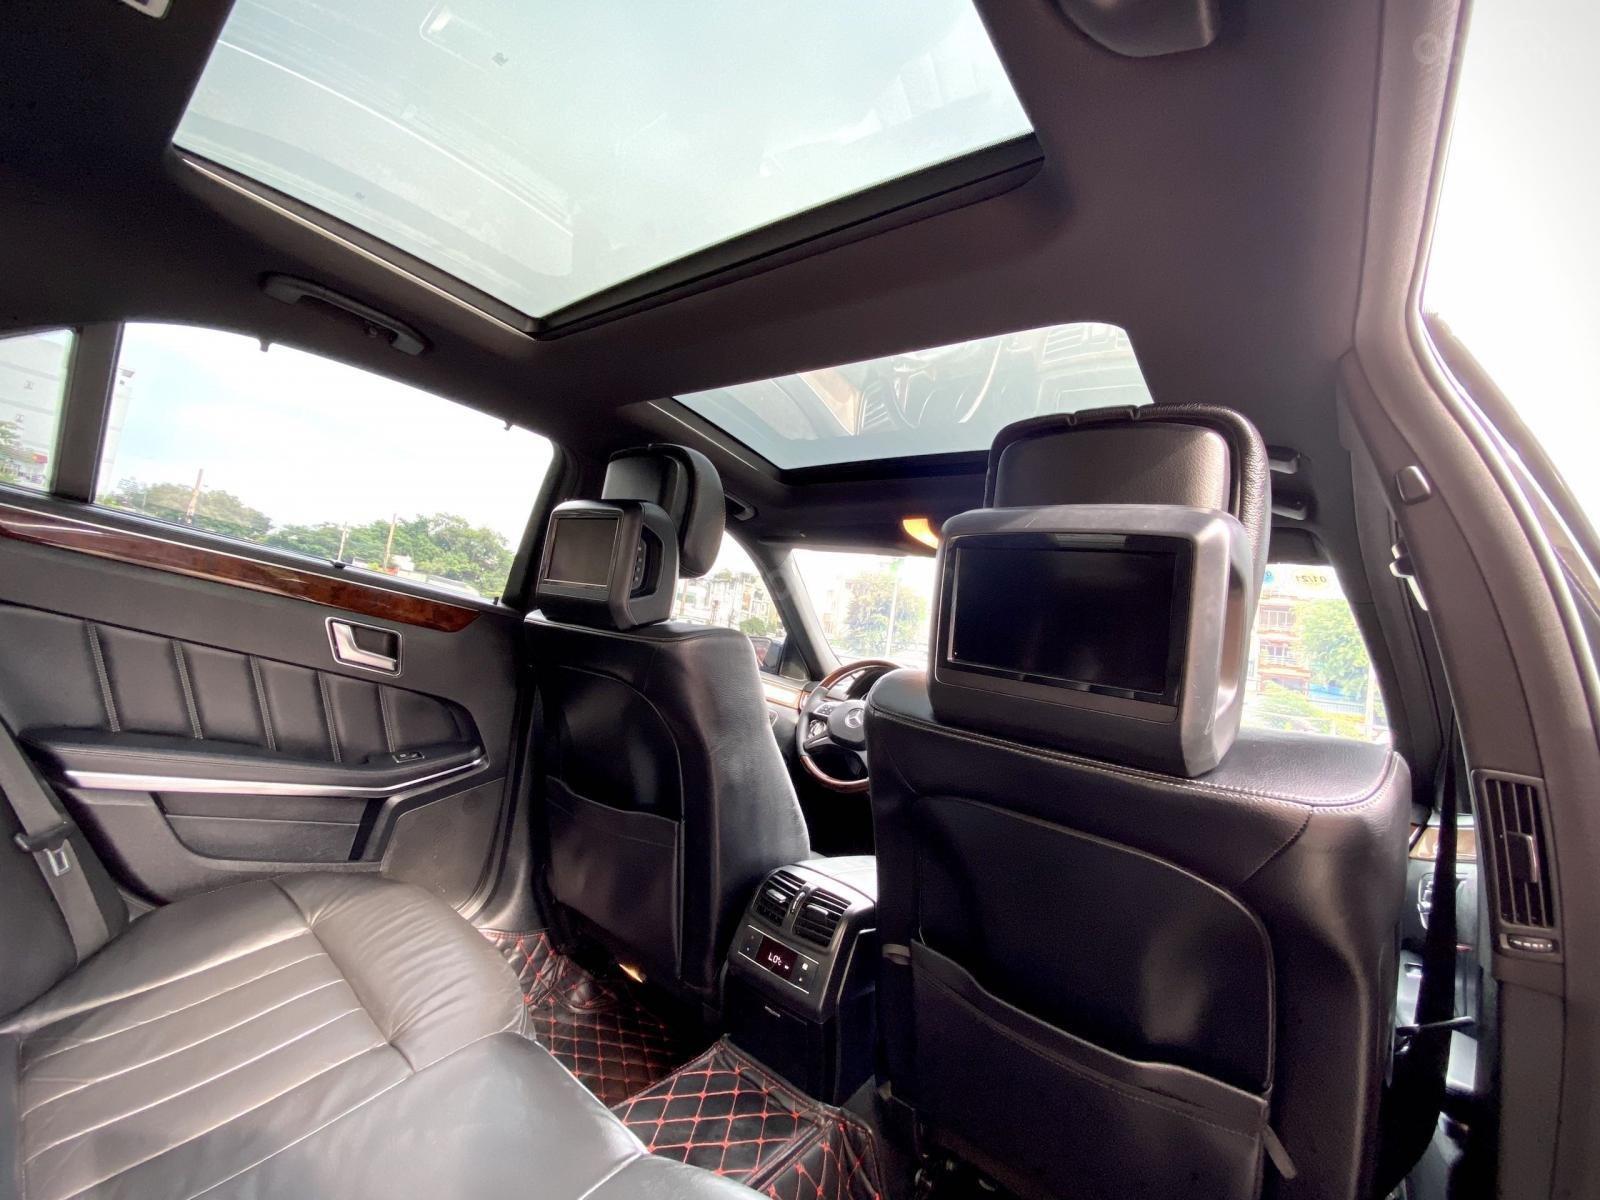 Cần bán lại xe Mercedes-Benz E class đăng ký lần đầu 2014, màu đen còn mới. Giá tốt 1 tỷ 180 triệu đồng (9)